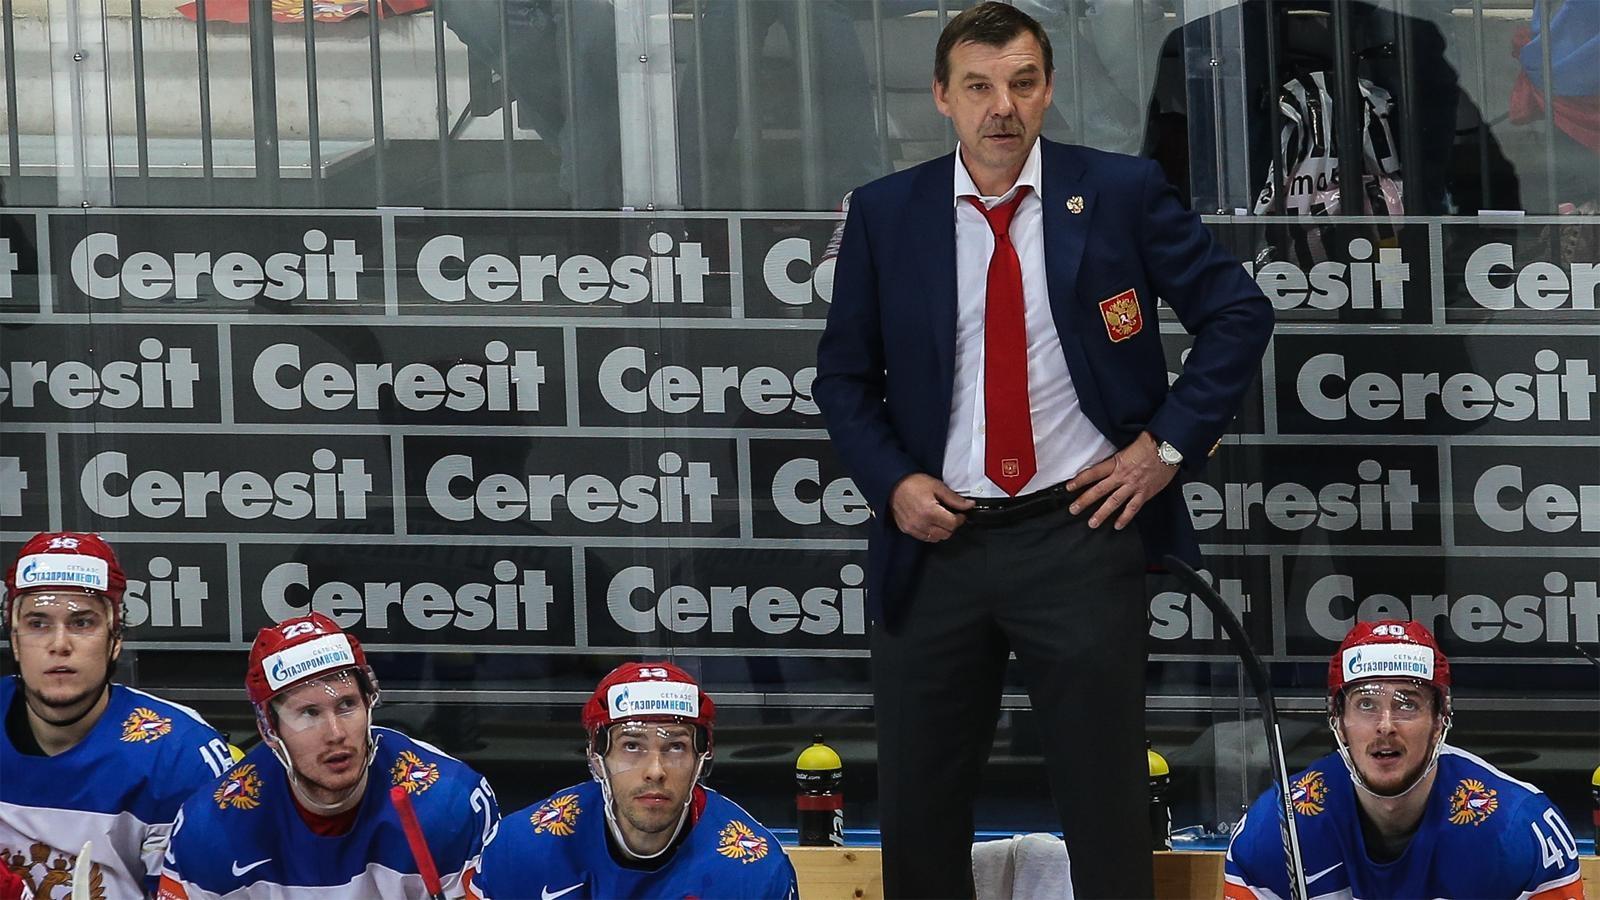 В «Спартаке» подтвердили интерес к кандидатуре Знарка на пост главного тренера